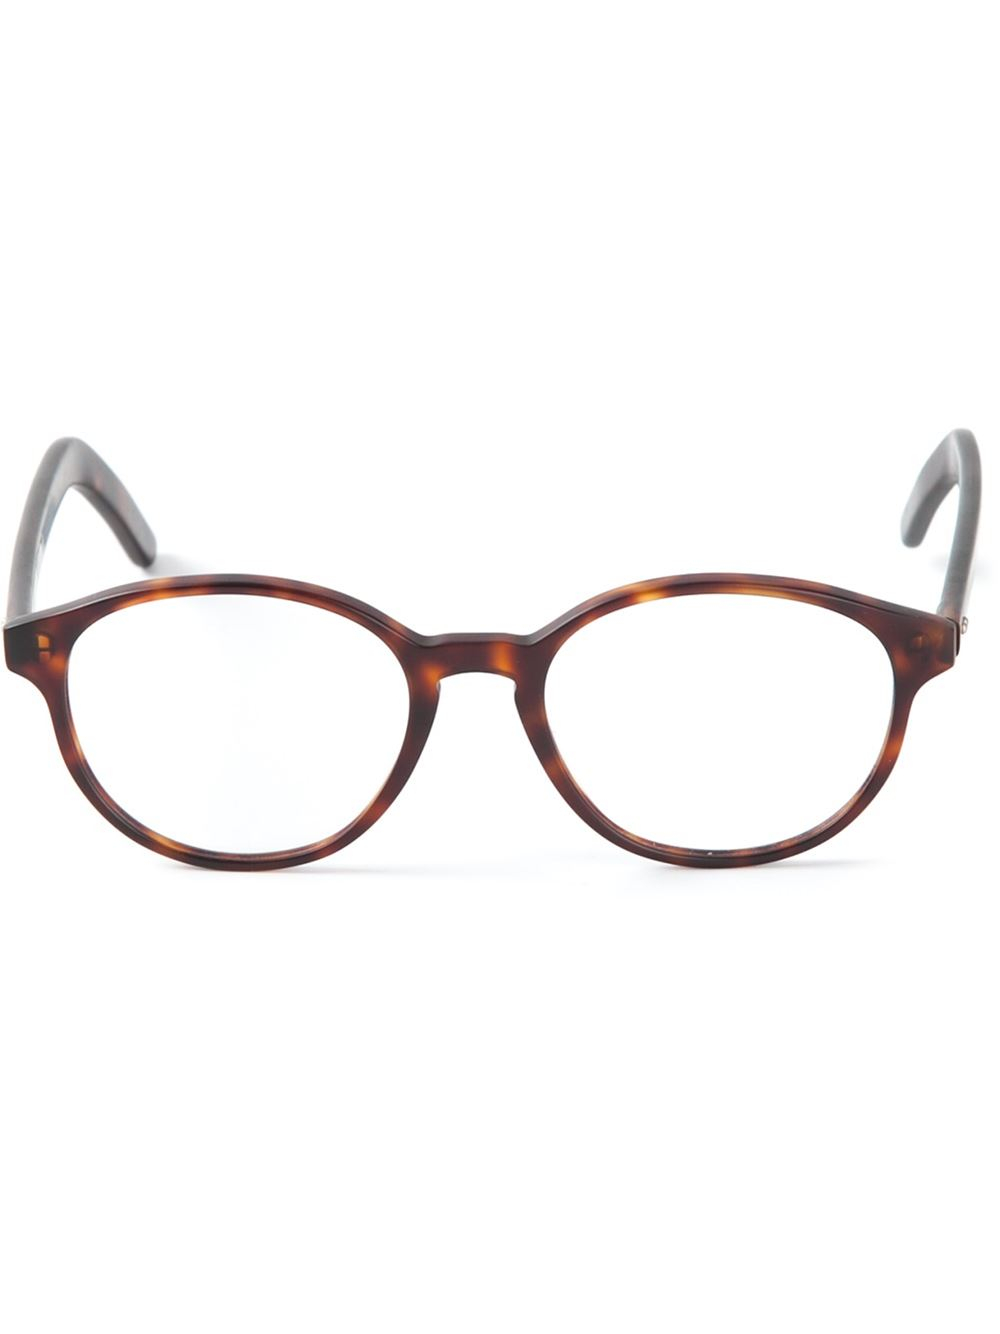 3fa2f36b8 Cutler & Gross Tortoiseshell Optical Glasses in Brown for Men - Lyst